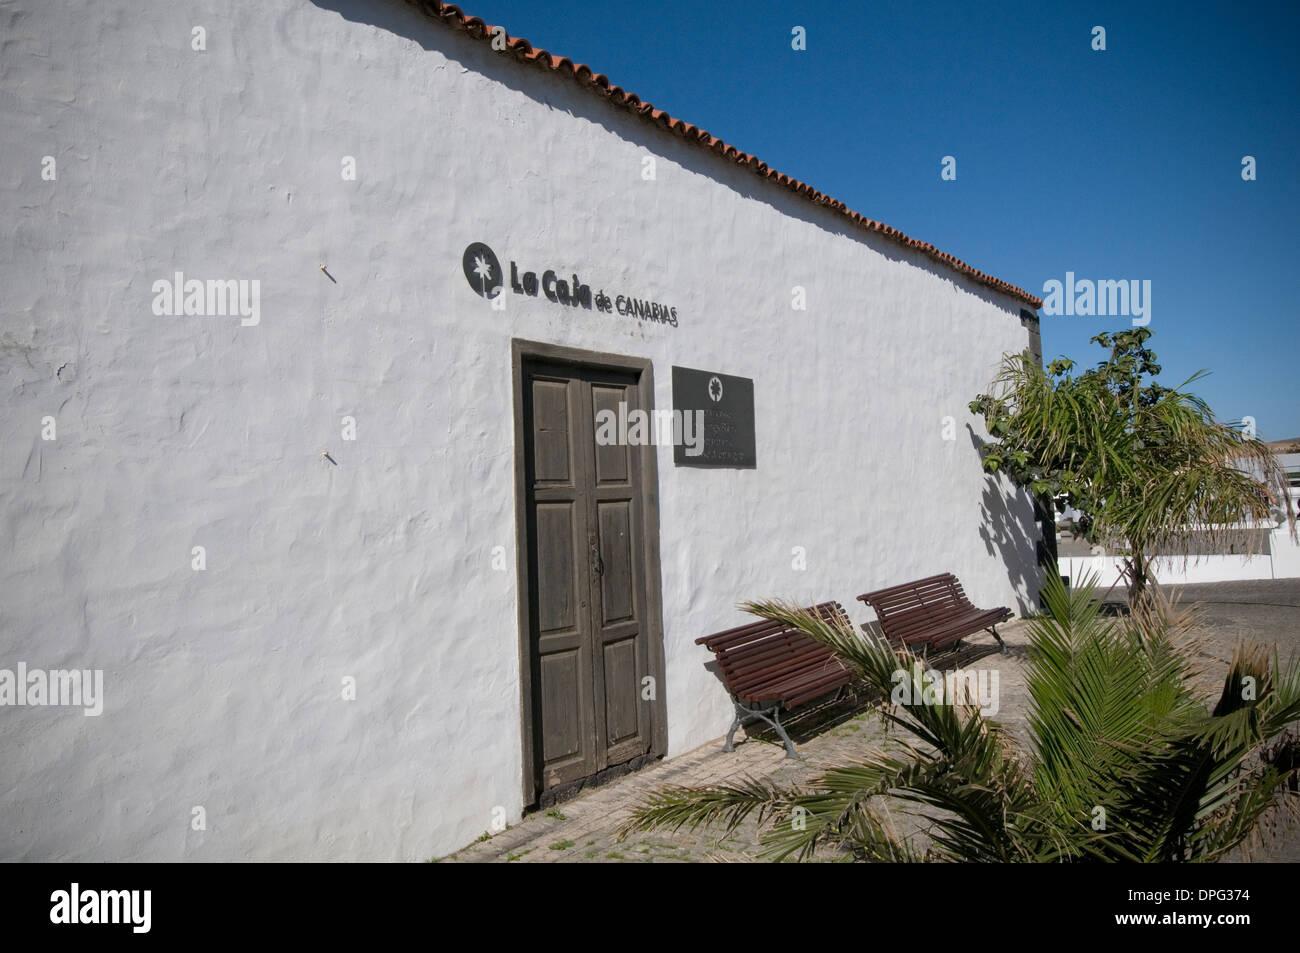 La Niederlassung Caja de Canarias Einsparungen Insular de Canarias Kanaren Inseln Insel Kanaren Bank Banken spanische Spanien Stockbild